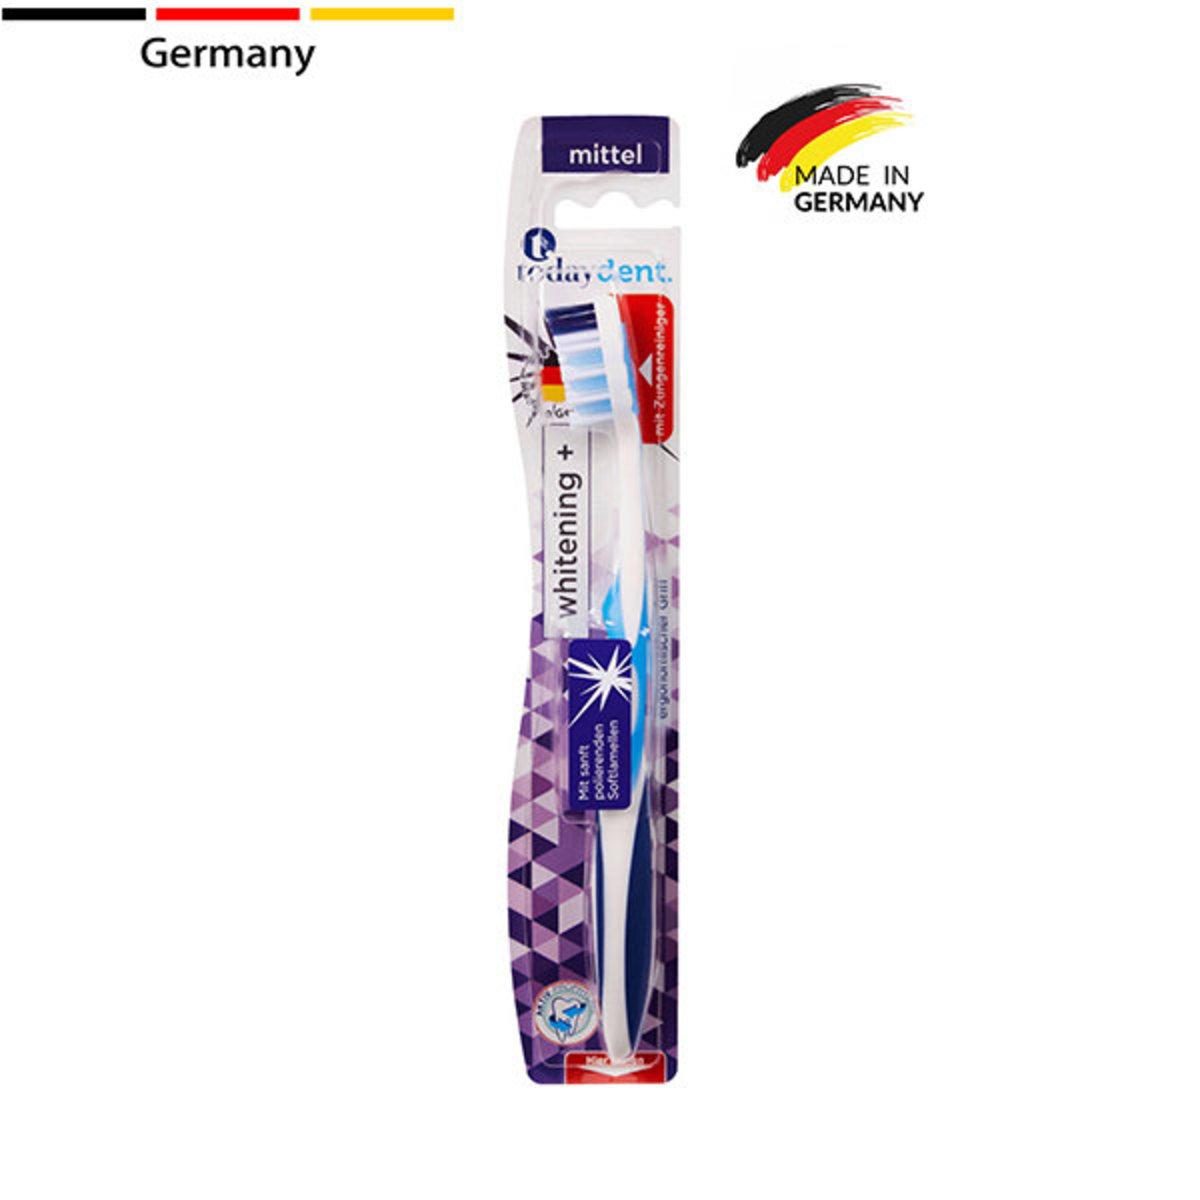 Toothbrush - Whitening, Medium